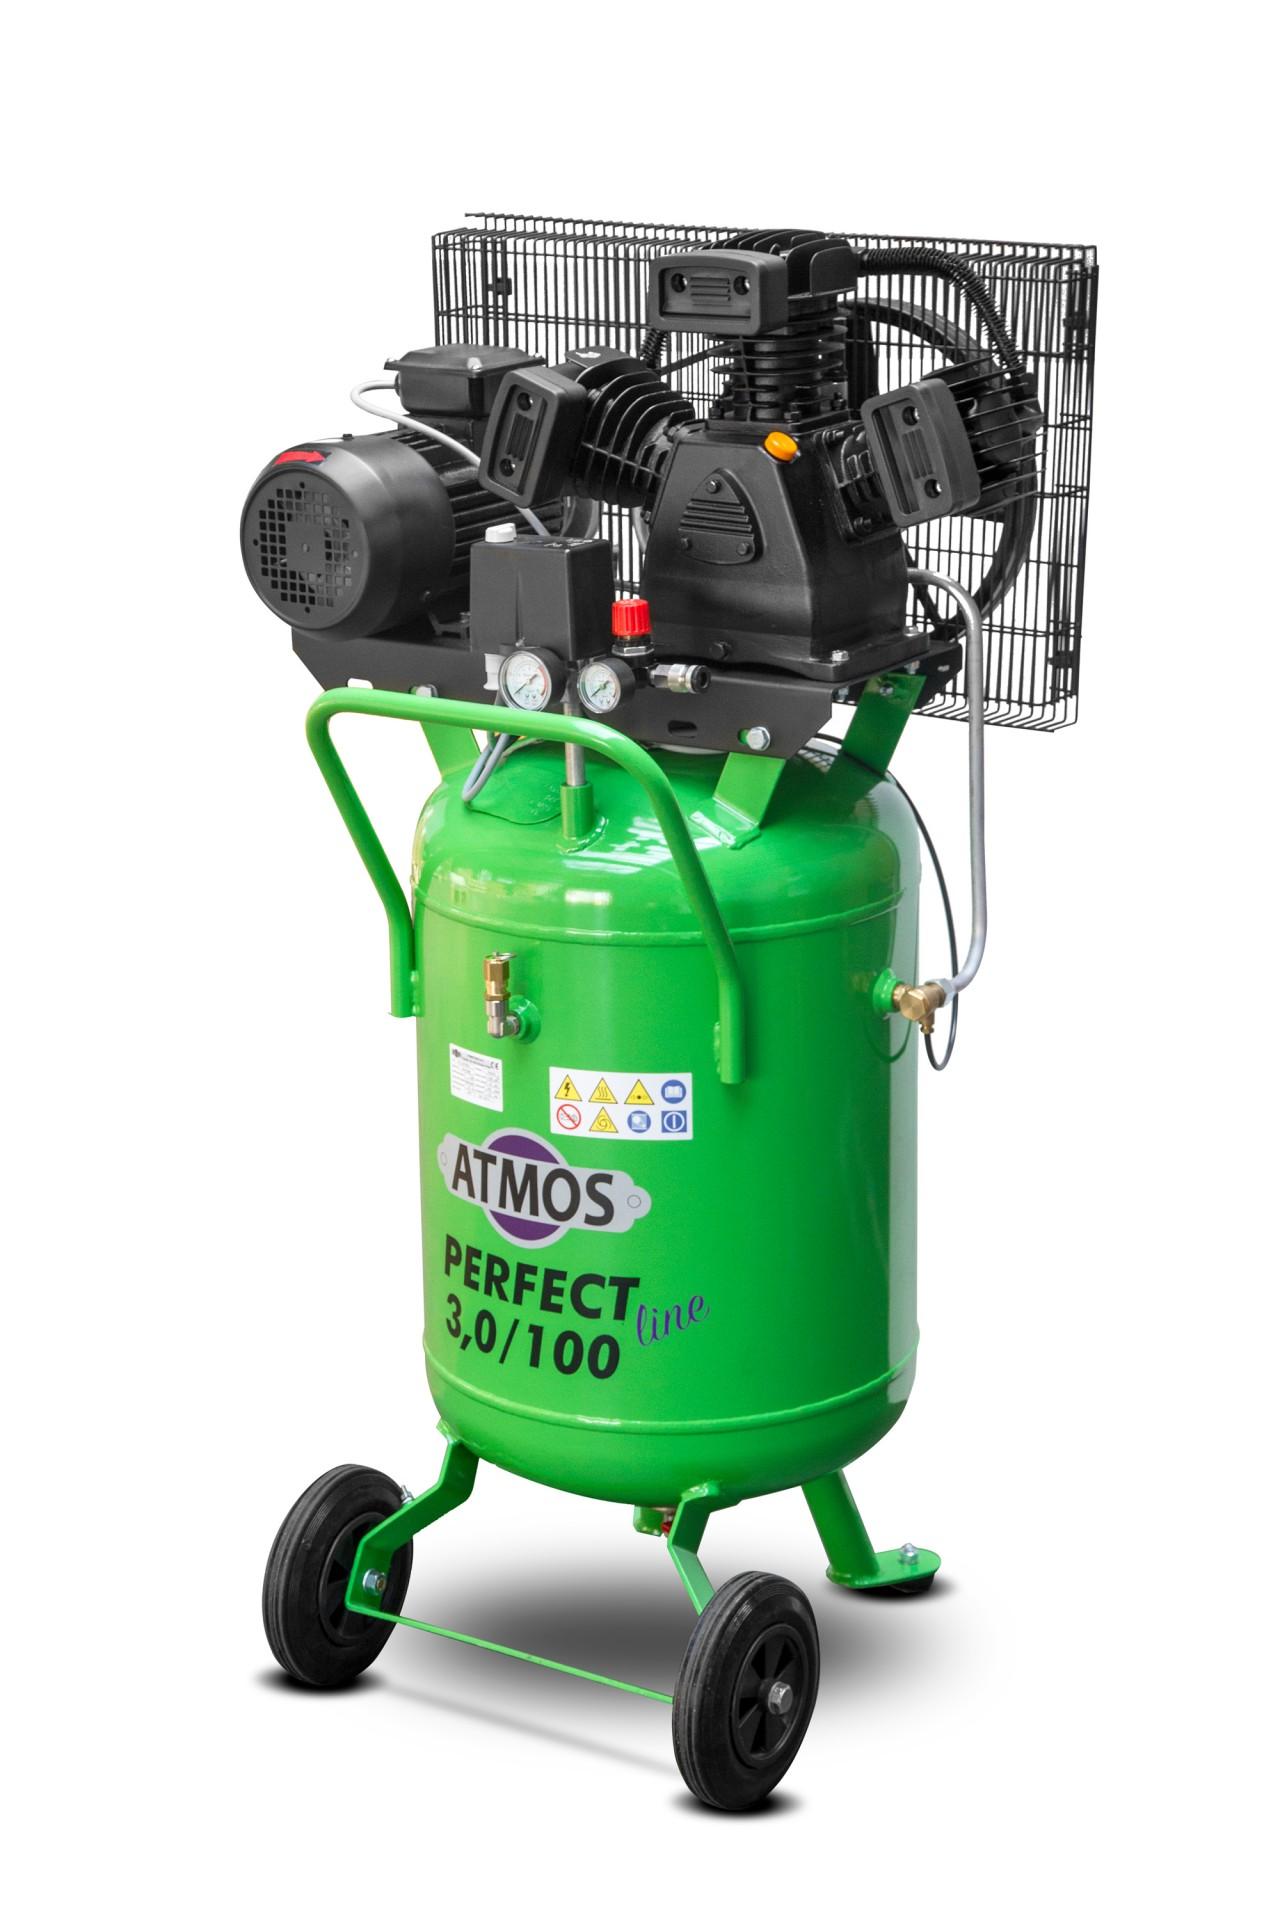 Atmos Pístový kompresor Perfect Line 3 kW - 100l S